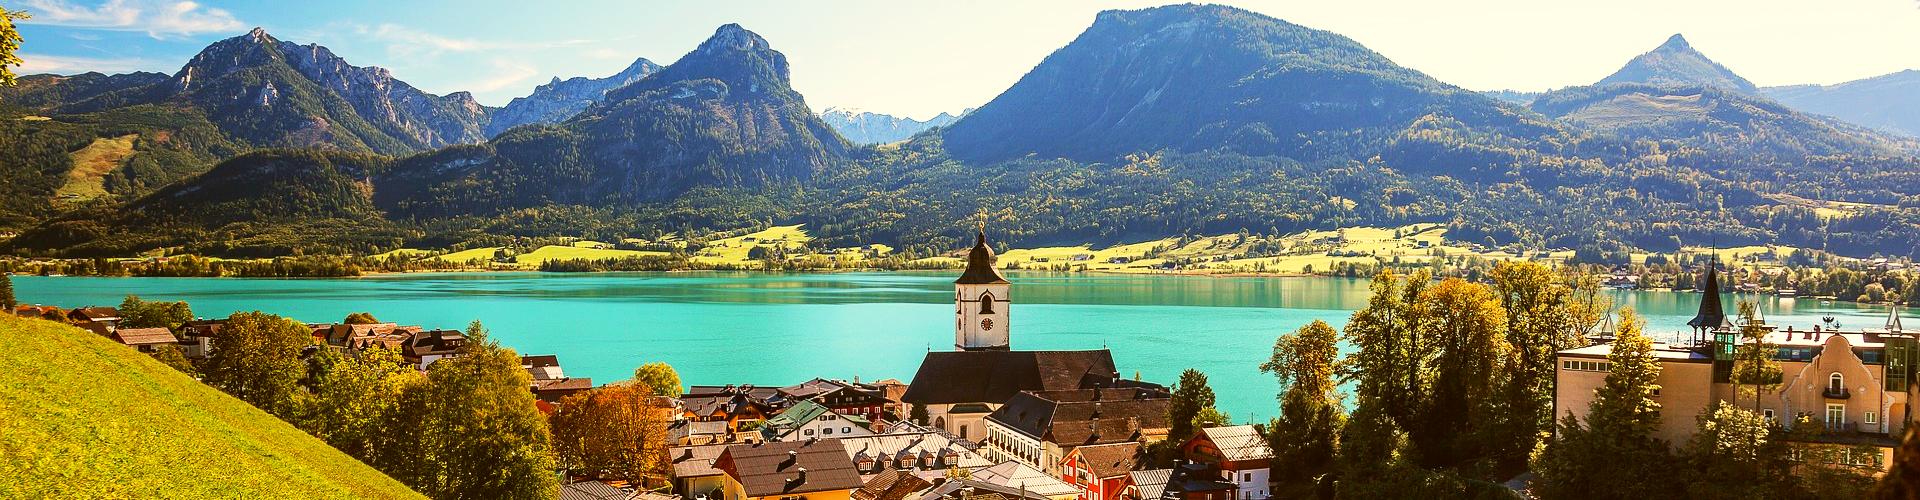 Ausflugsziele rund um den Wolfgangsee: Blick von oben auf St. Wolfgang, im Hintergrund das Zwölferhorn